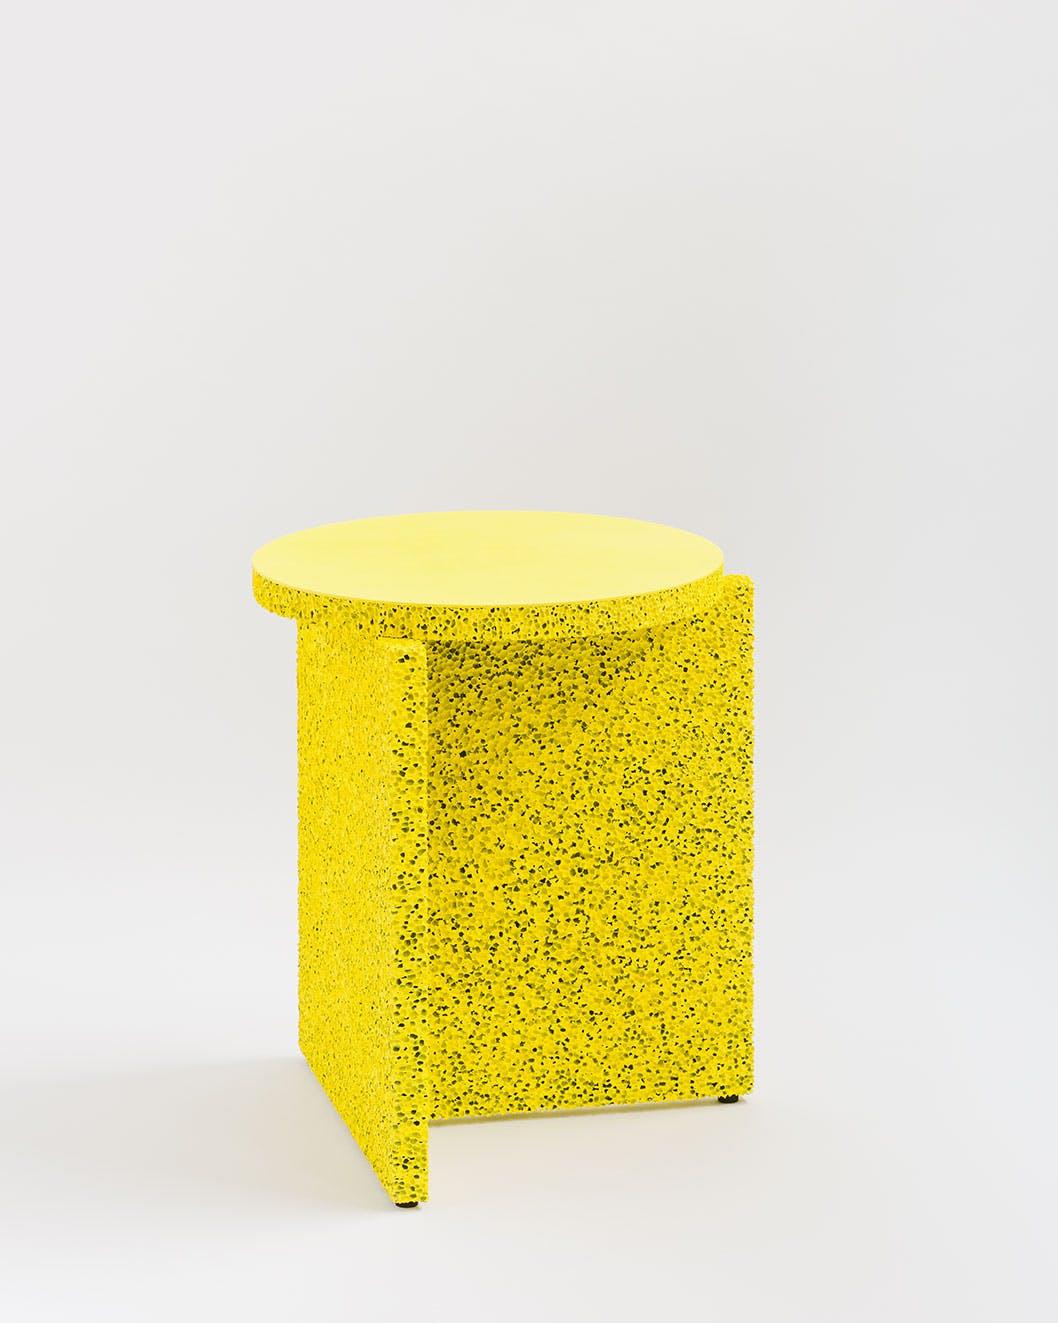 Sponge Table by Calen Knauf